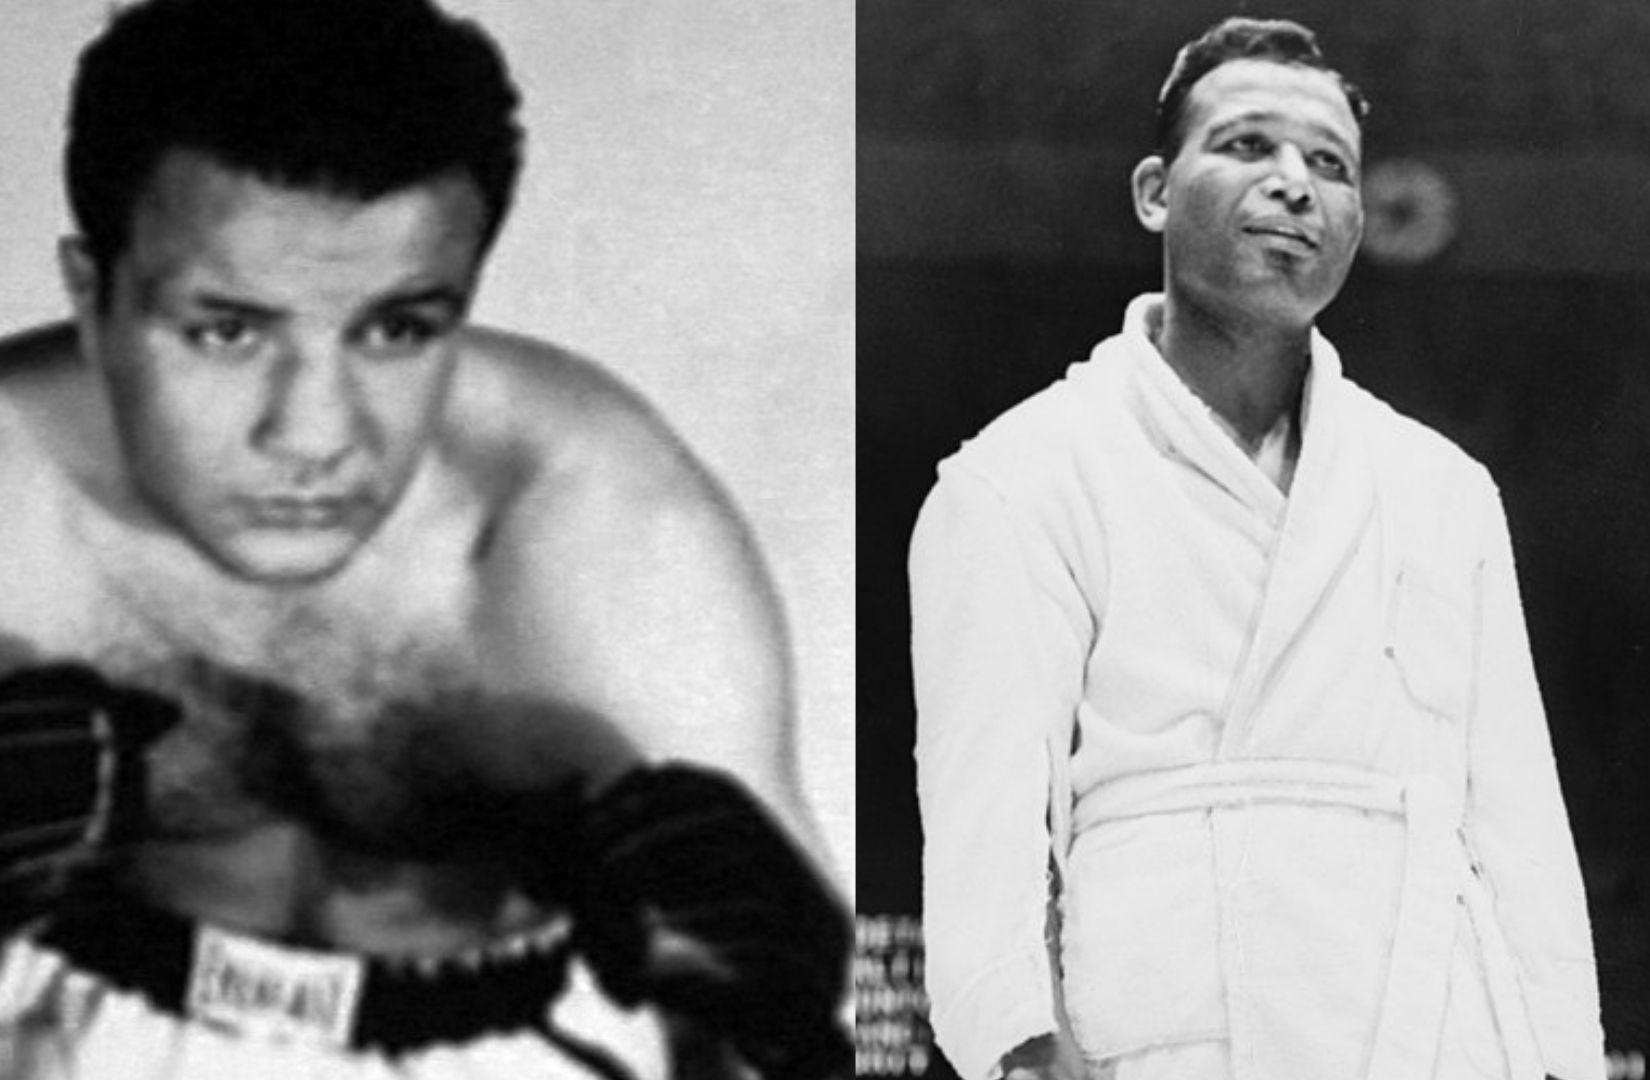 Robert Lowry greift in Tag Fremder Elemente aus dem Leben der Boxer Jake LaMotta und Sugar Ray Robinson auf. (Illustration: Neue Debatte)